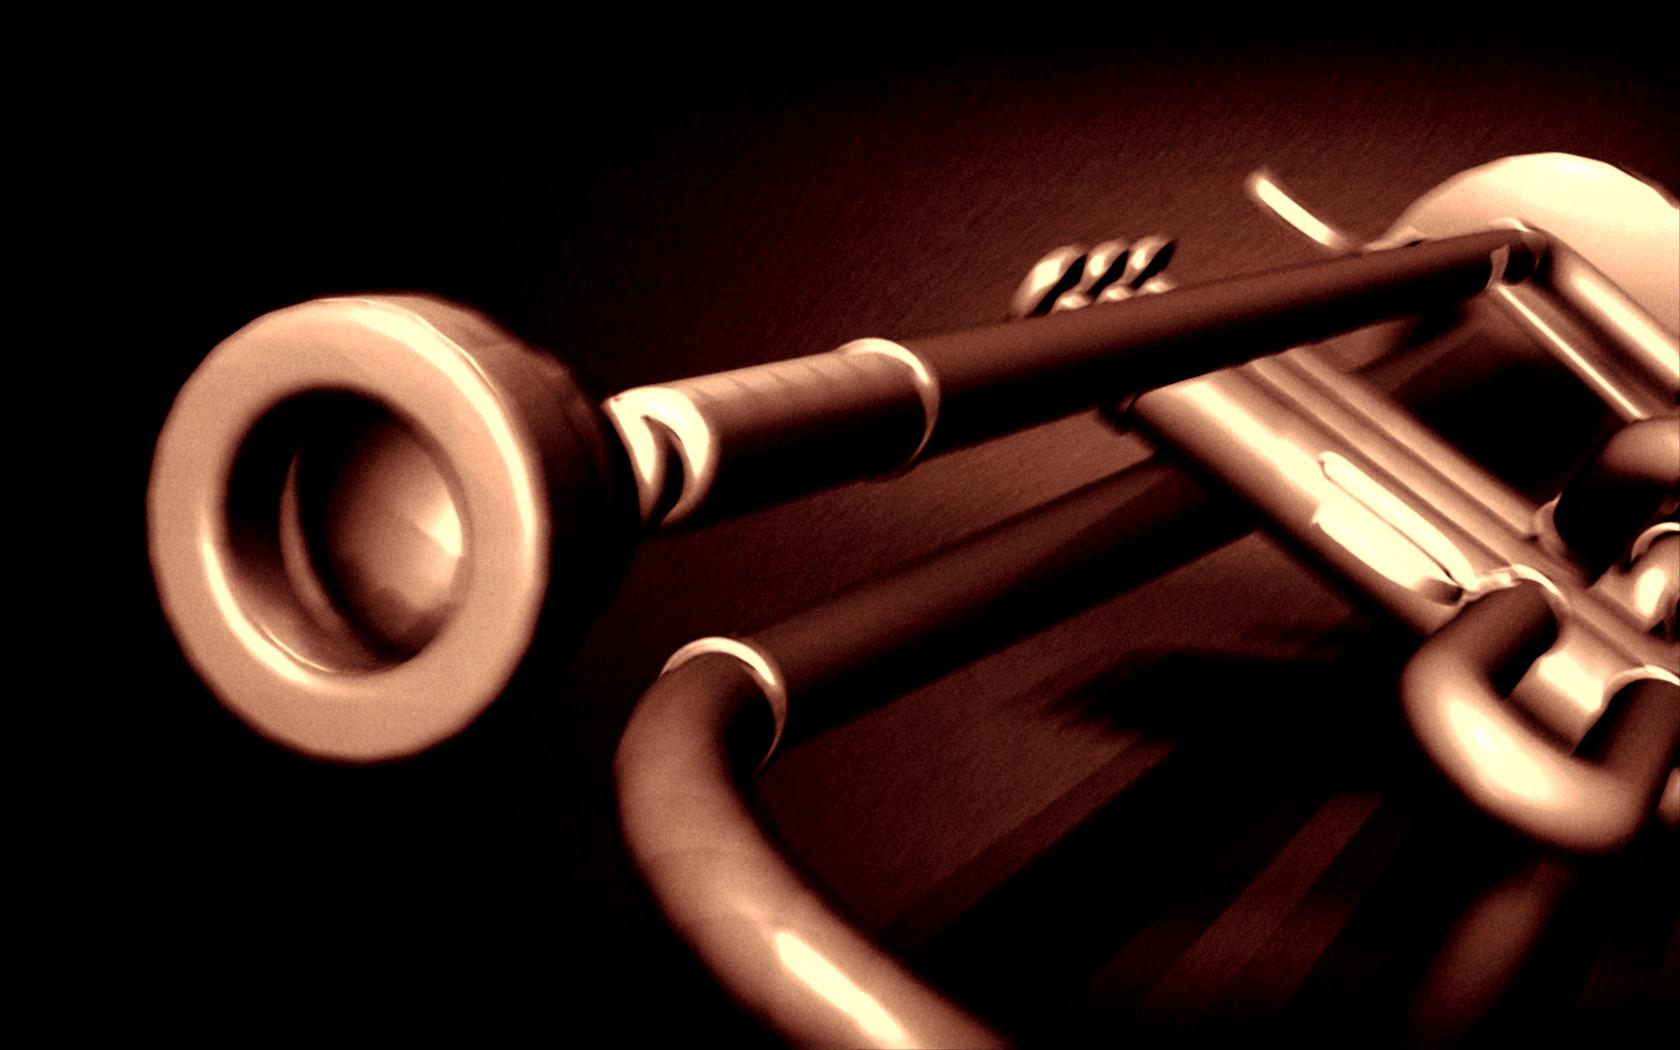 Best Wallpaper Music Computer - trumpet-music-computer-wallpaper-63167-65199-hd-wallpapers  Trends_378115.jpg